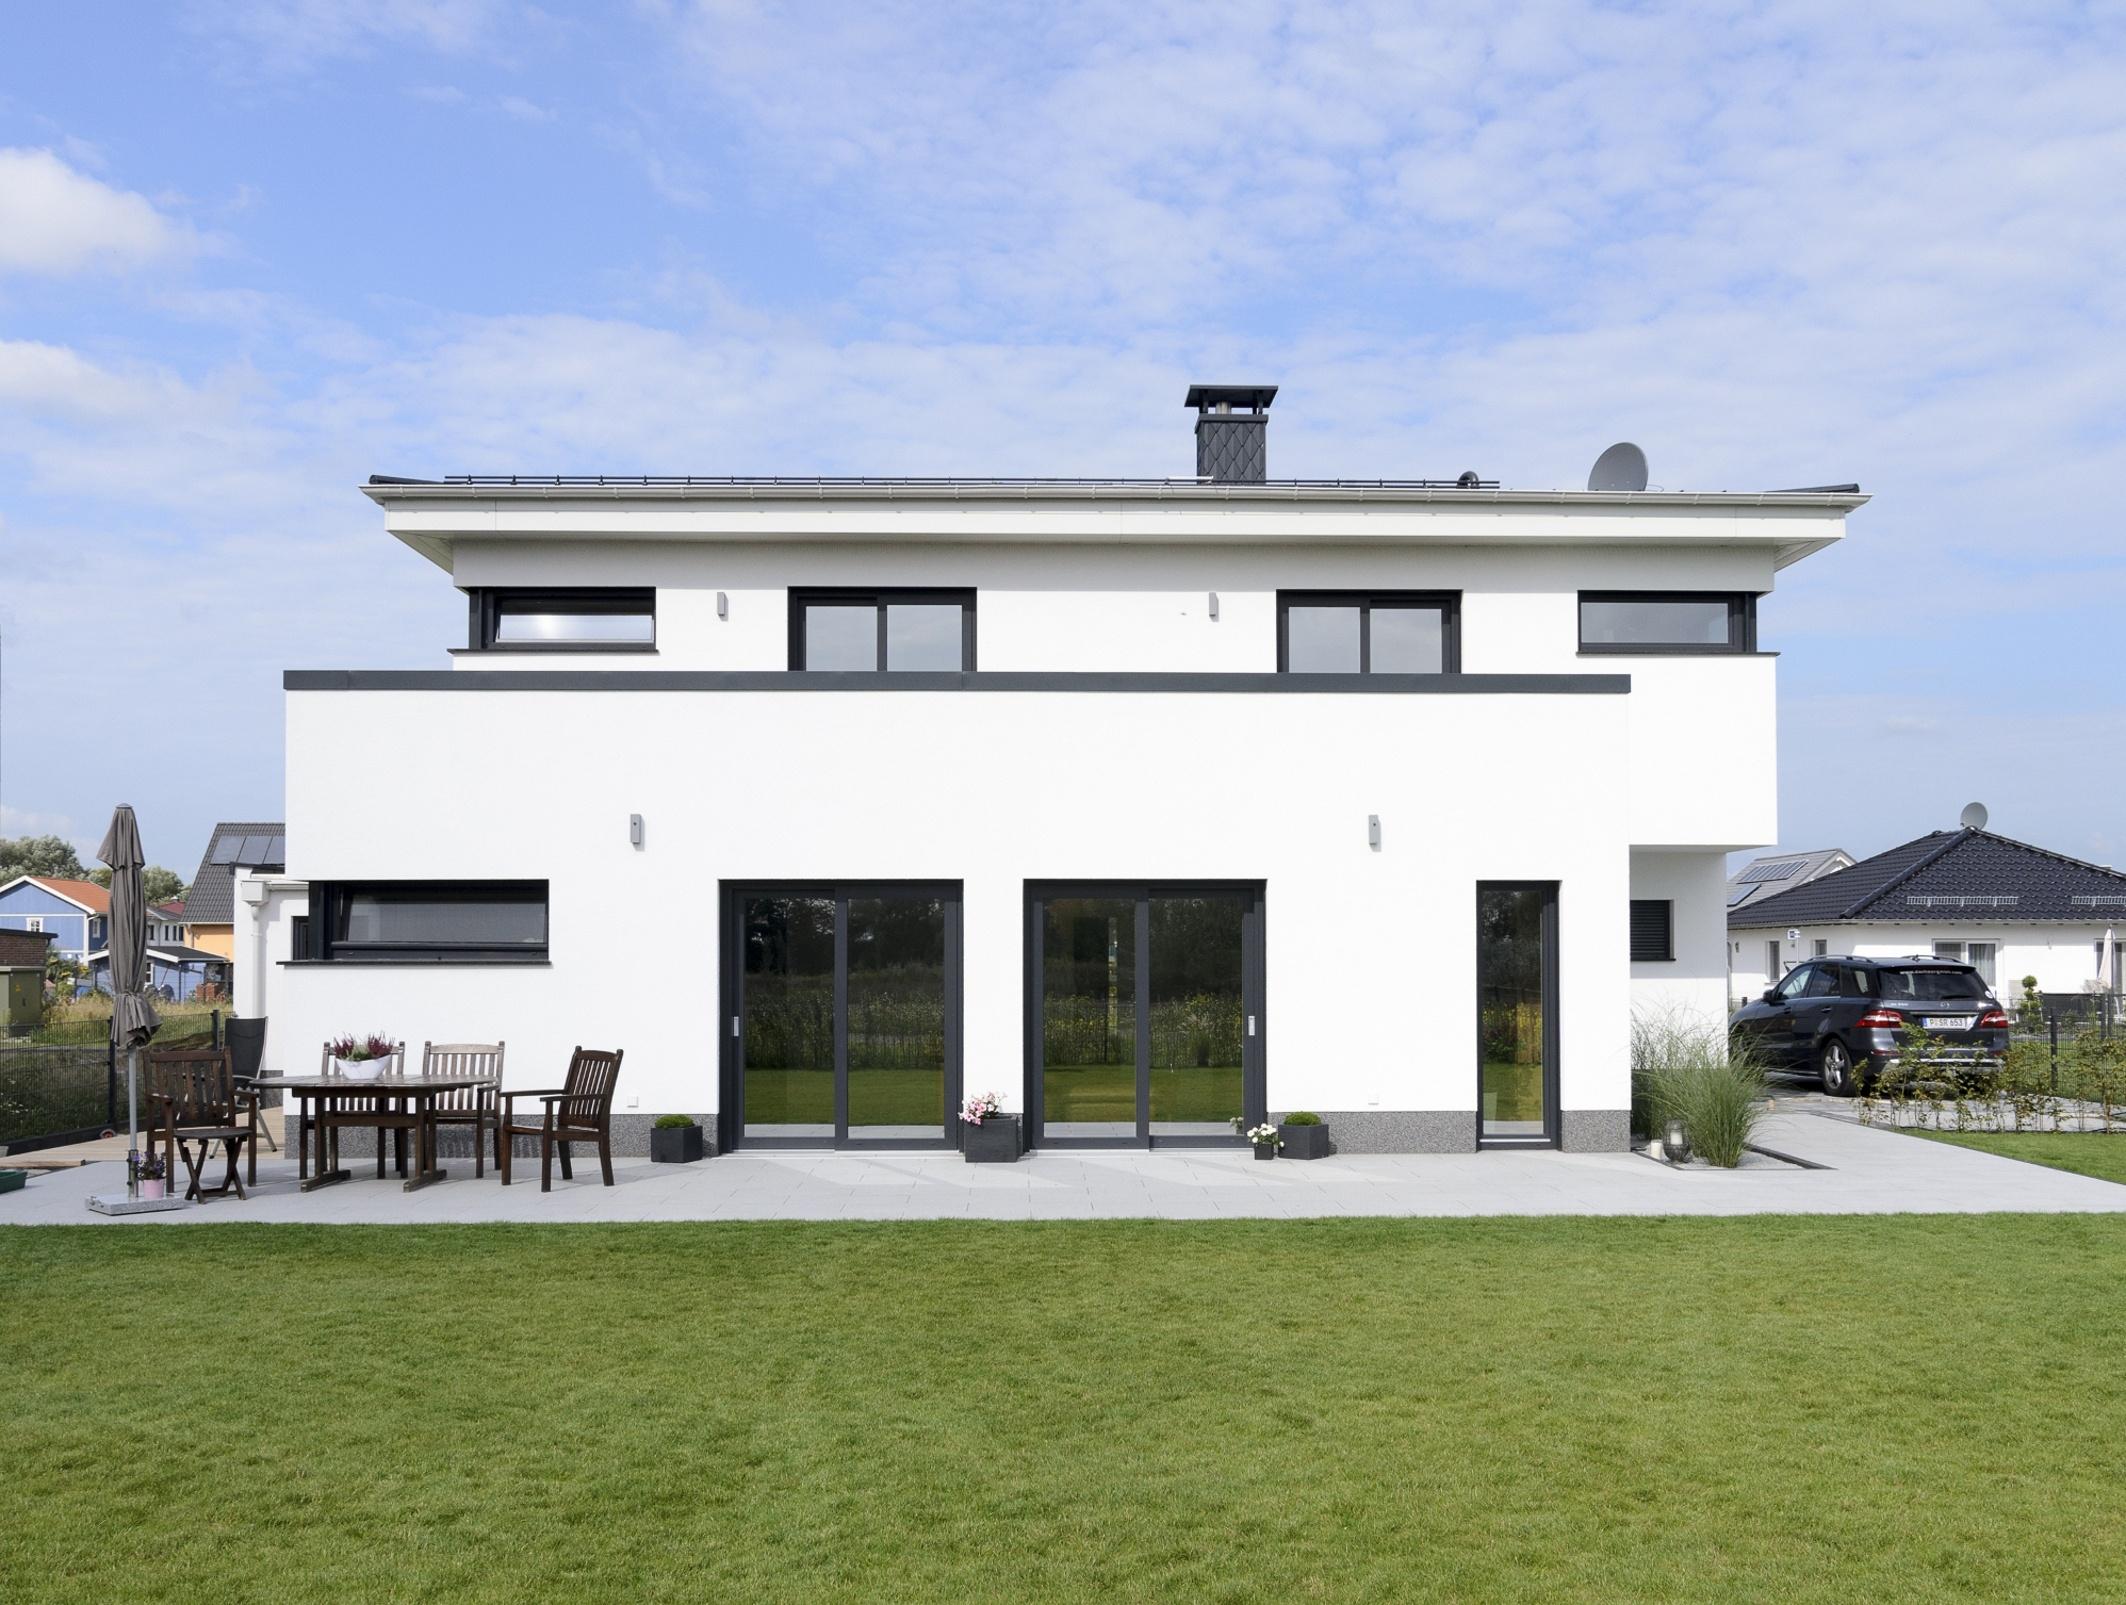 11 2015 puristisches wohnen in der natur. Black Bedroom Furniture Sets. Home Design Ideas